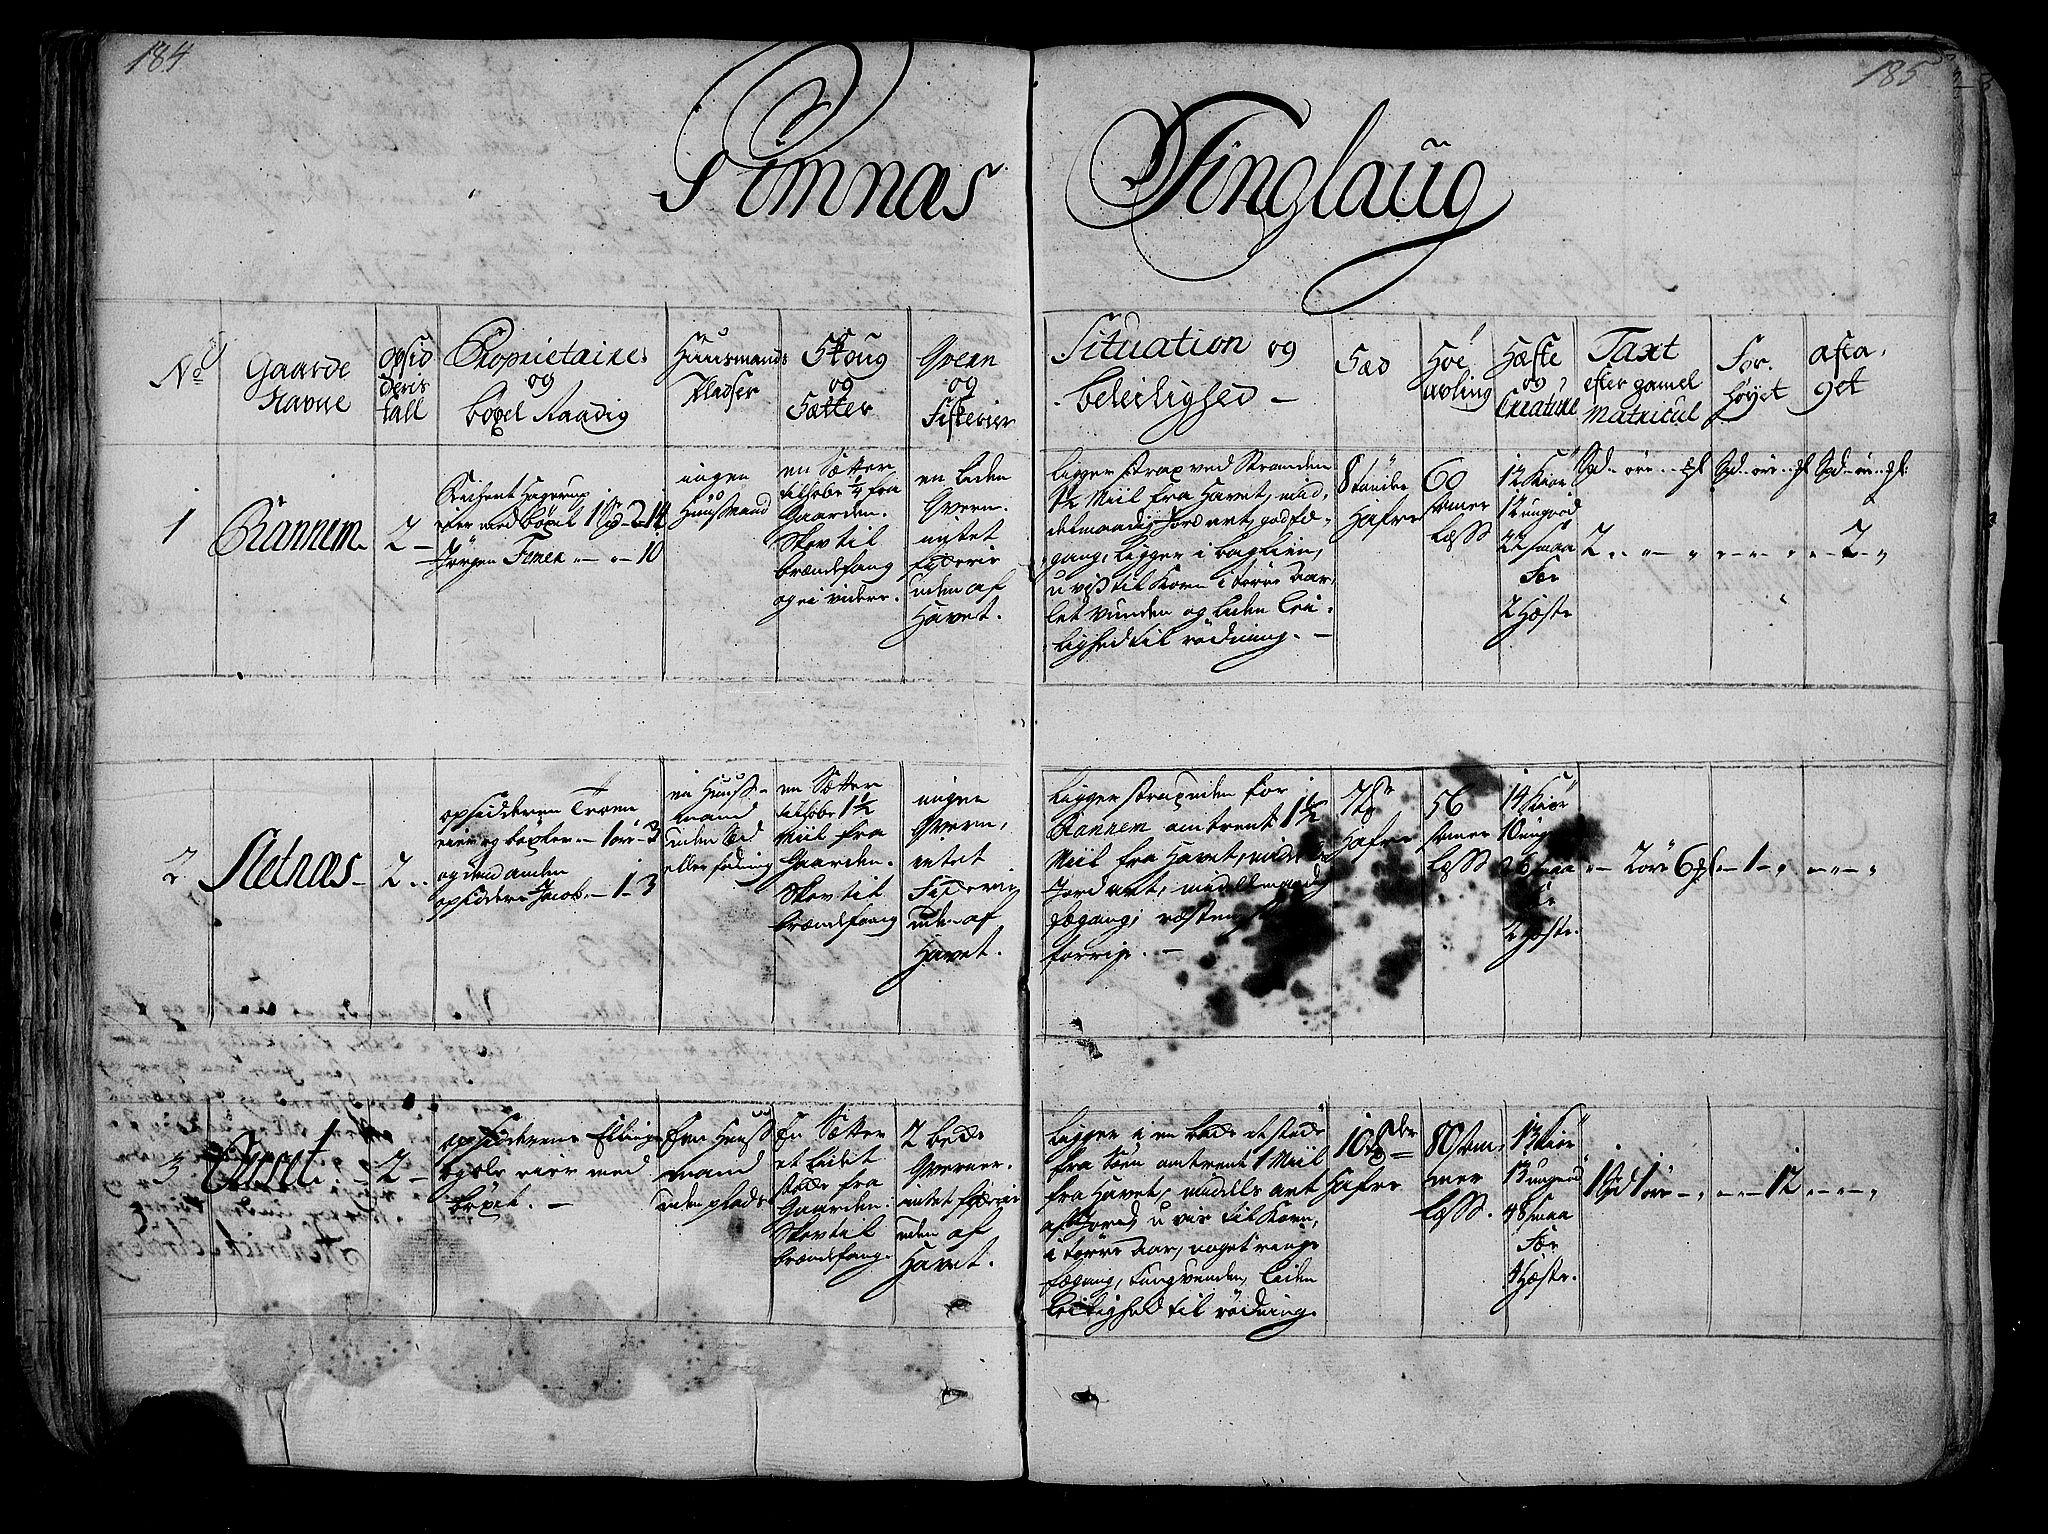 RA, Rentekammeret inntil 1814, Realistisk ordnet avdeling, N/Nb/Nbf/L0154: Nordmøre eksaminasjonsprotokoll, 1721-1723, s. 184-185